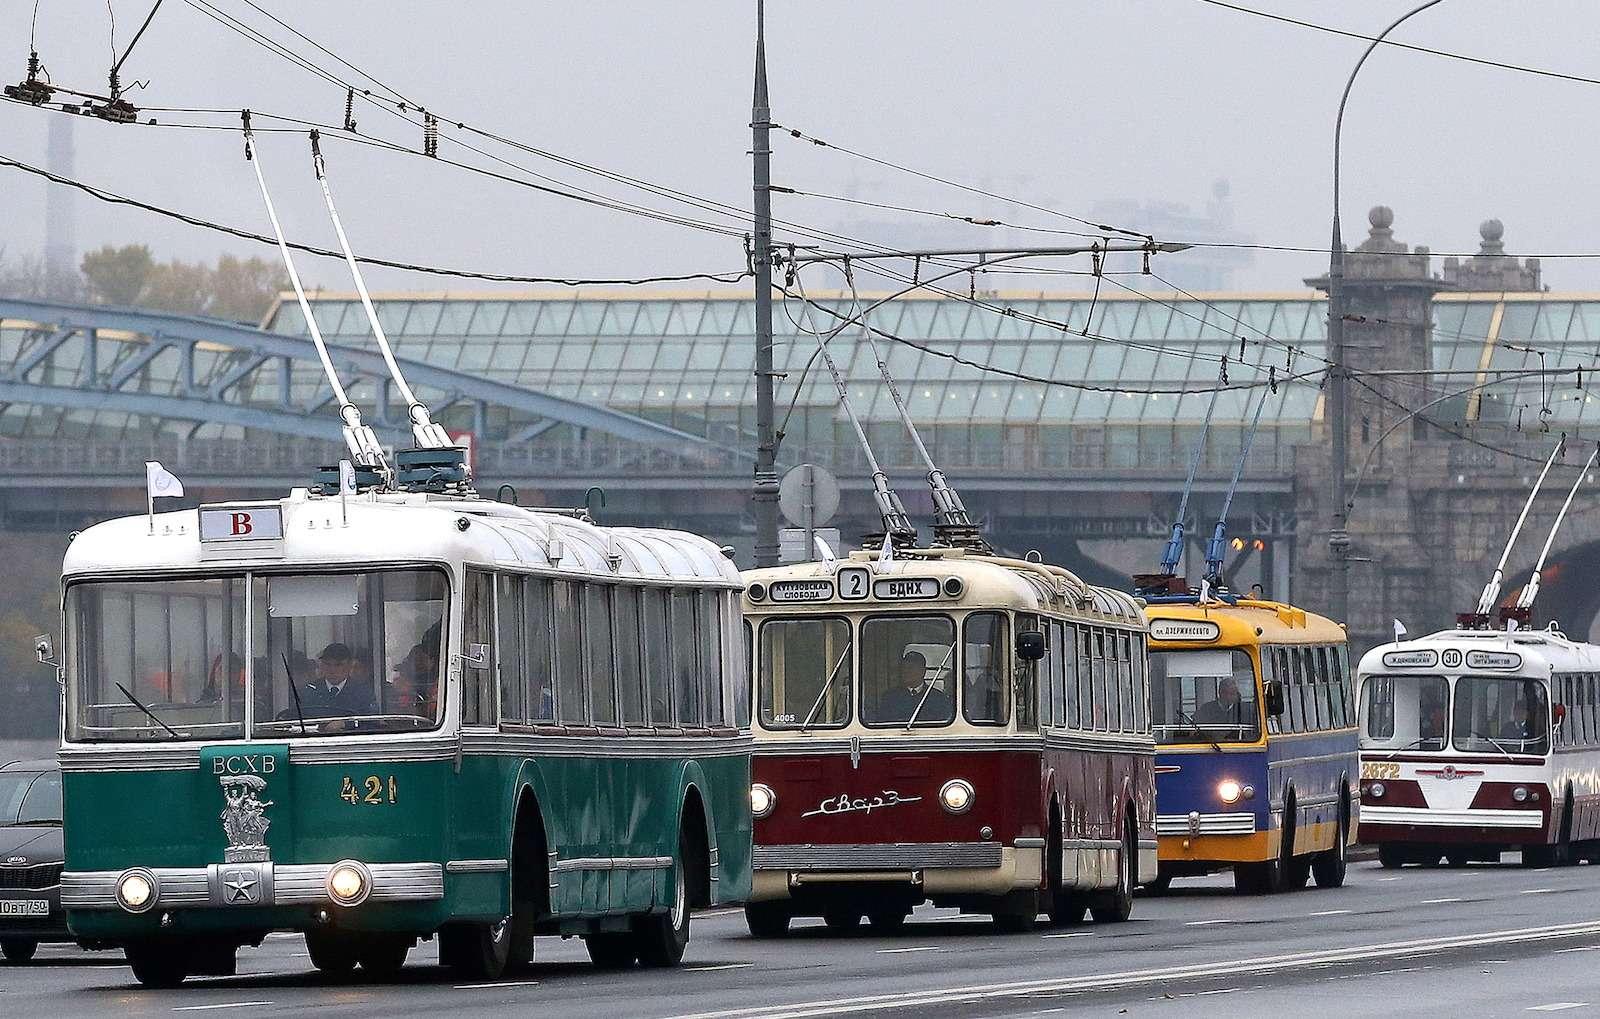 Дали порогам: кому переехали дорогу троллейбусы— фото 572098